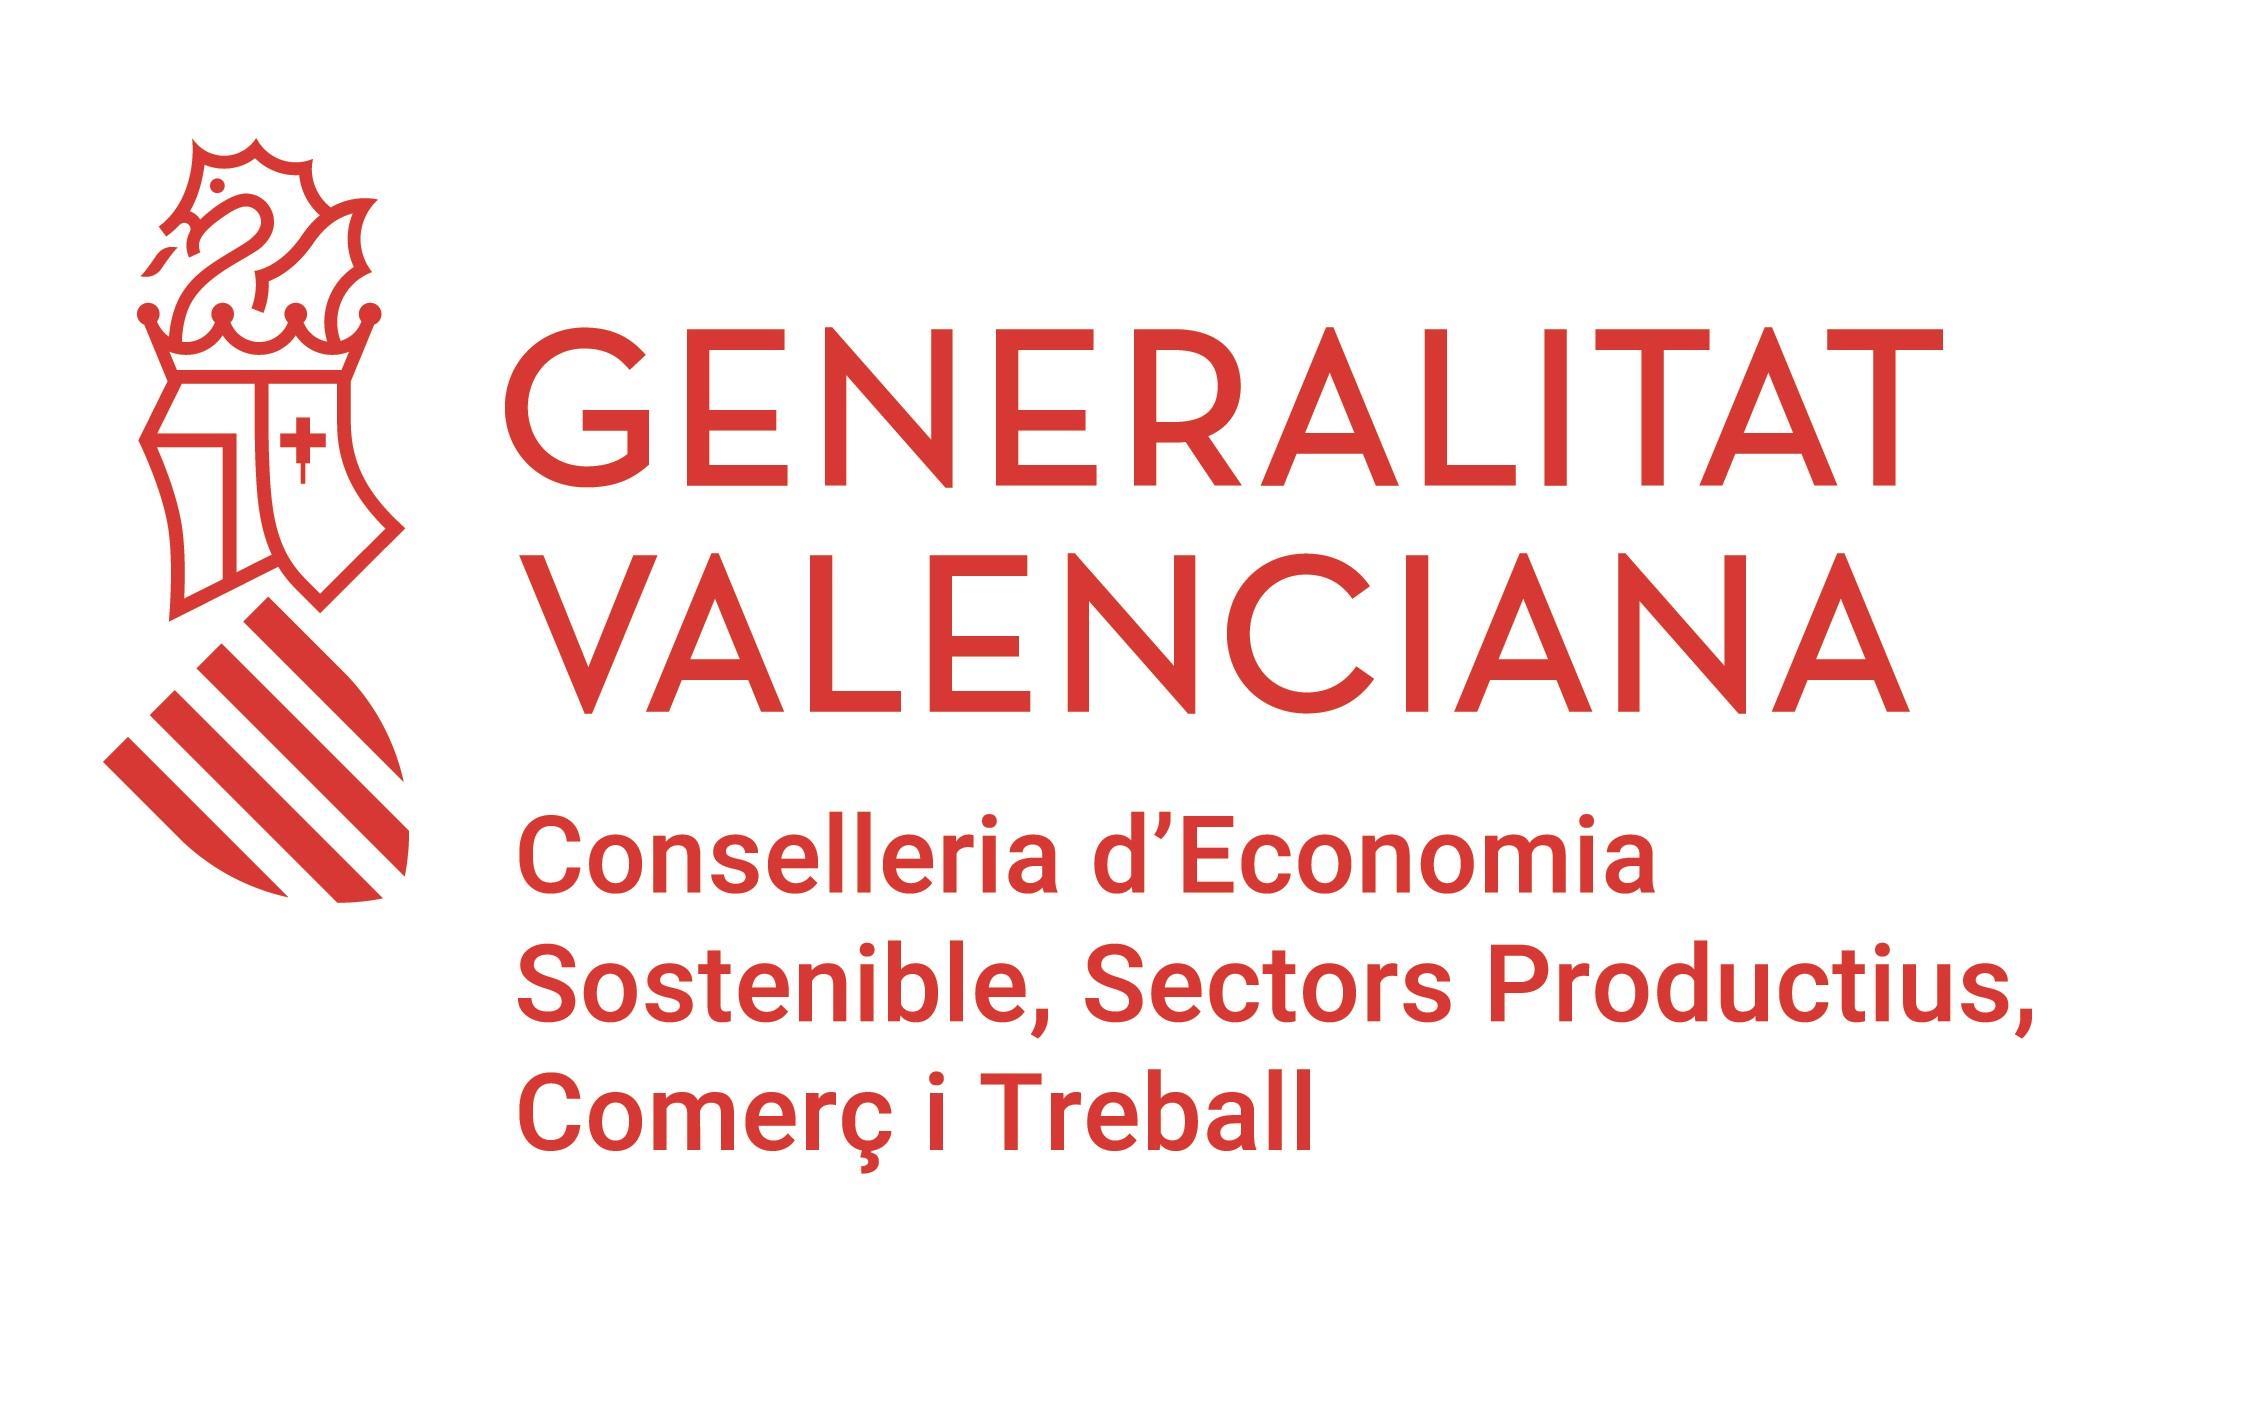 Conselleria de Economía Sostenible, Sectores Productivos, Comercio y Trabajo